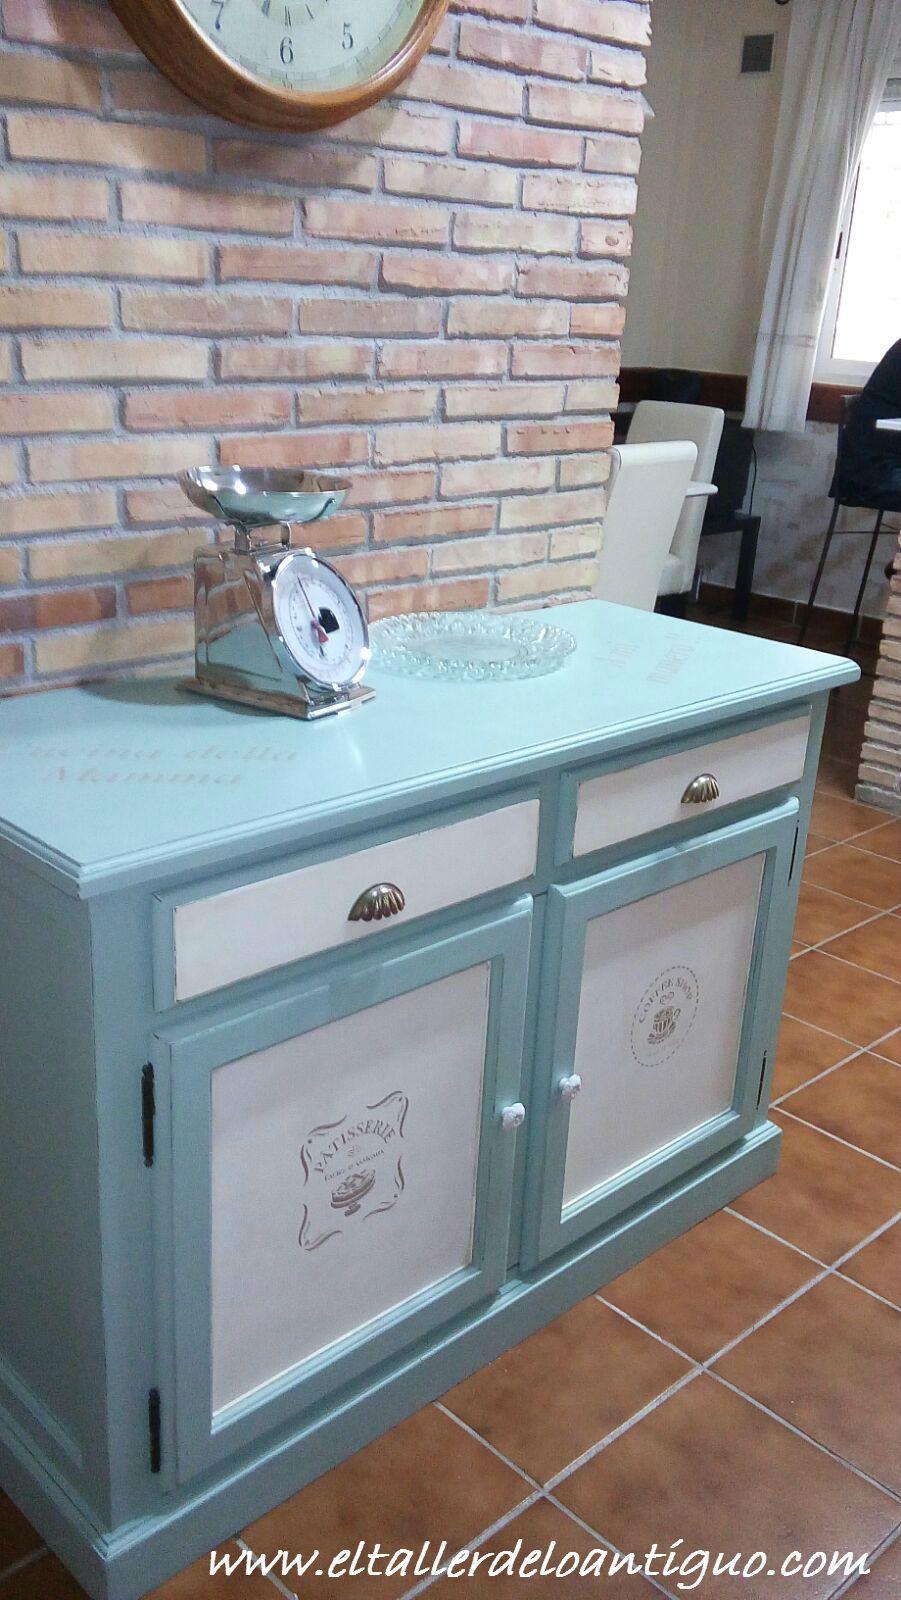 Pintar mueble de cocina la cocina de la mama trabajo - Pintar muebles de cocina ...